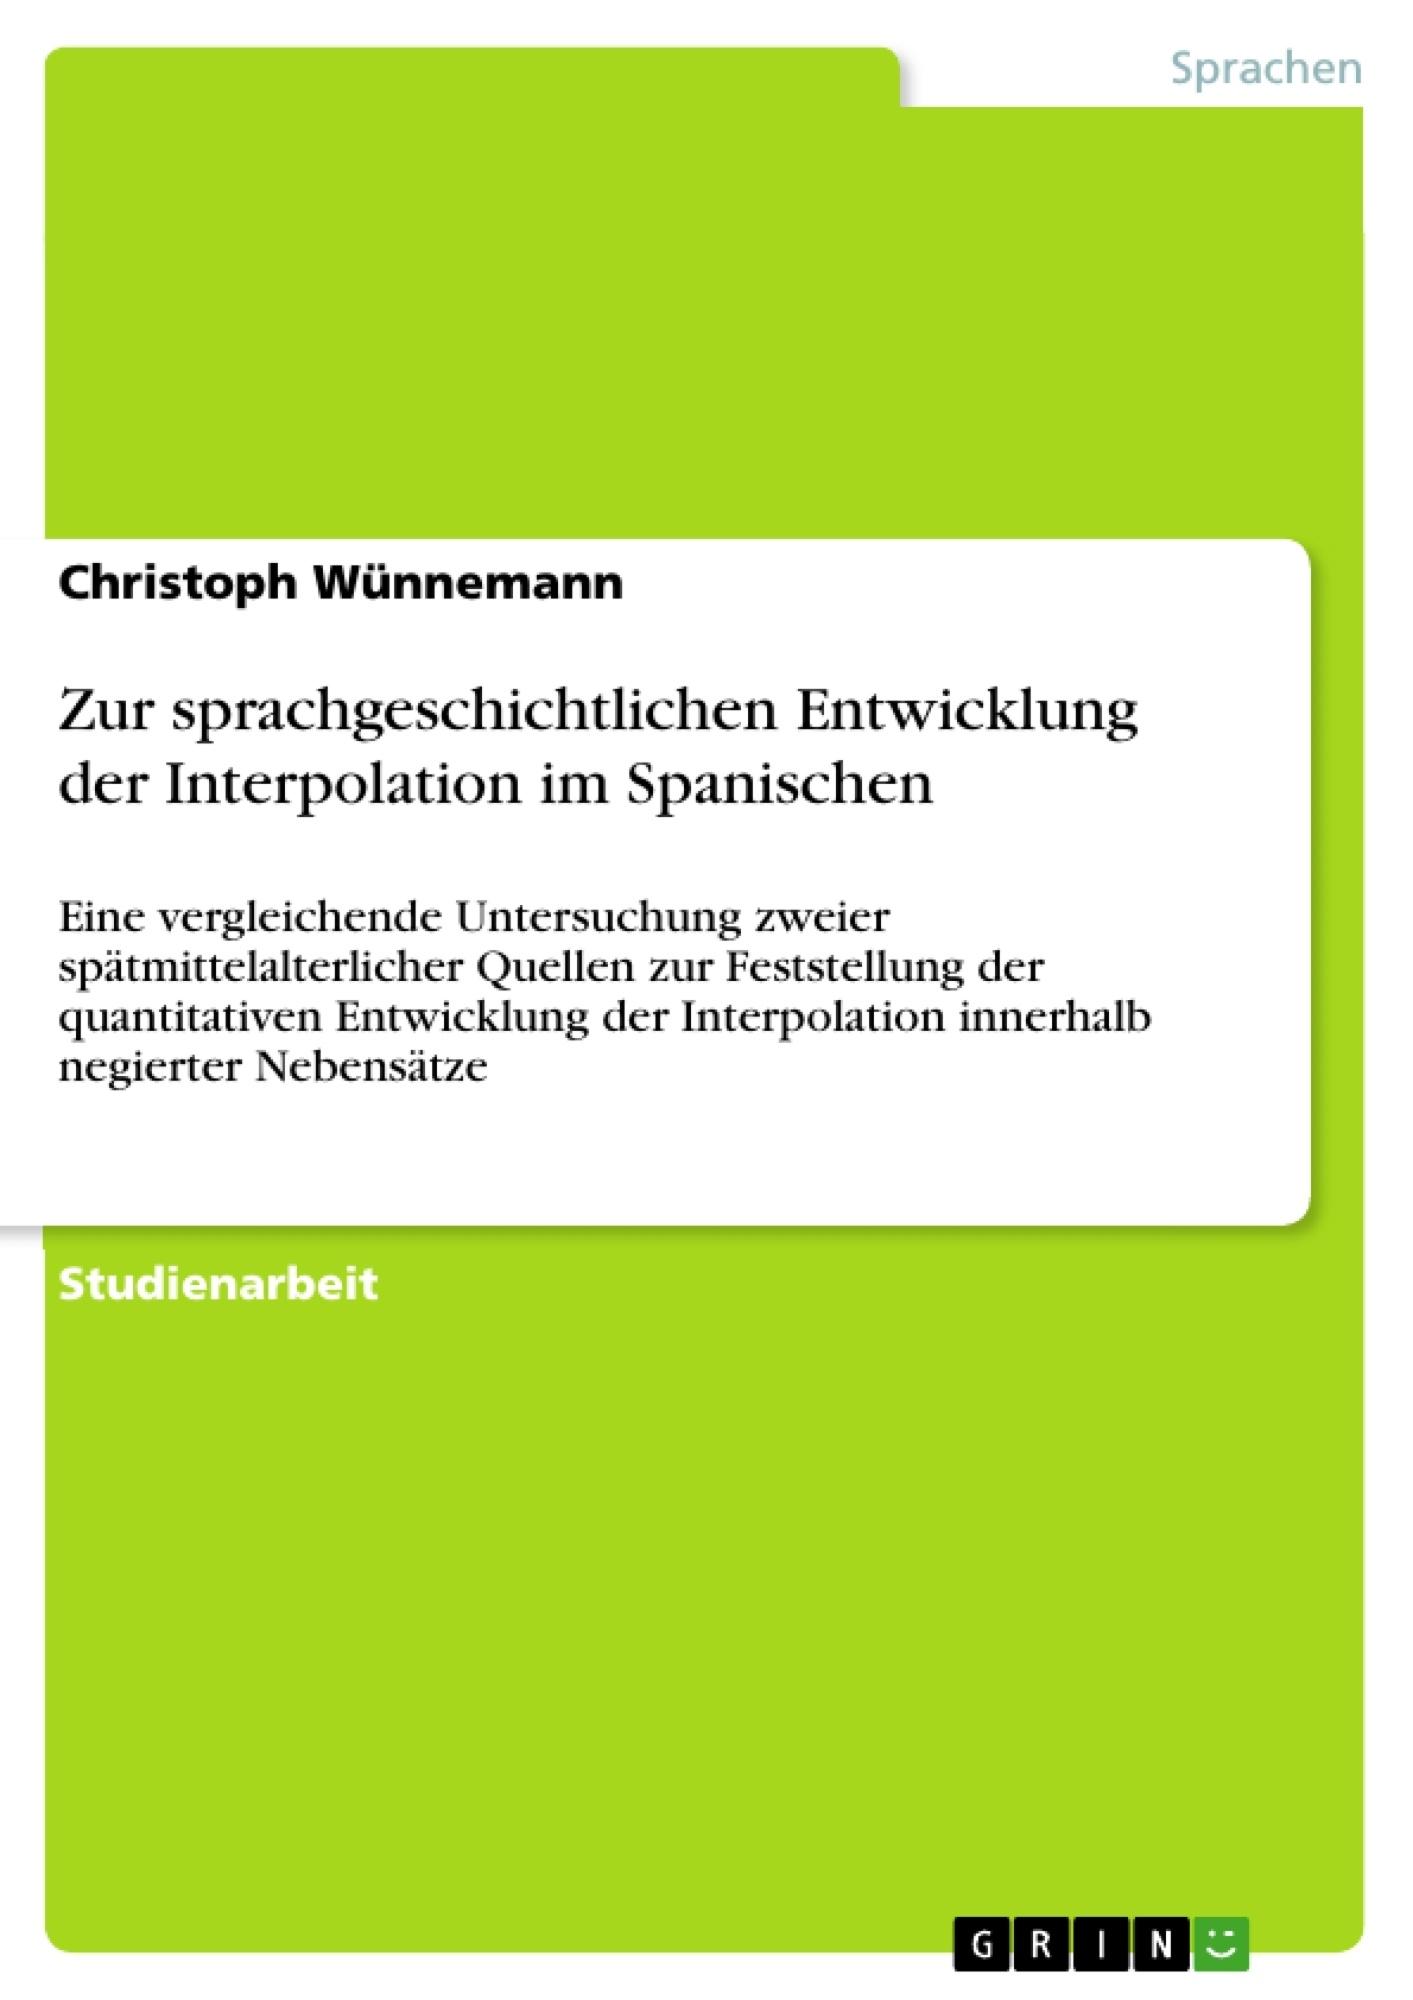 Titel: Zur sprachgeschichtlichen Entwicklung der Interpolation im Spanischen